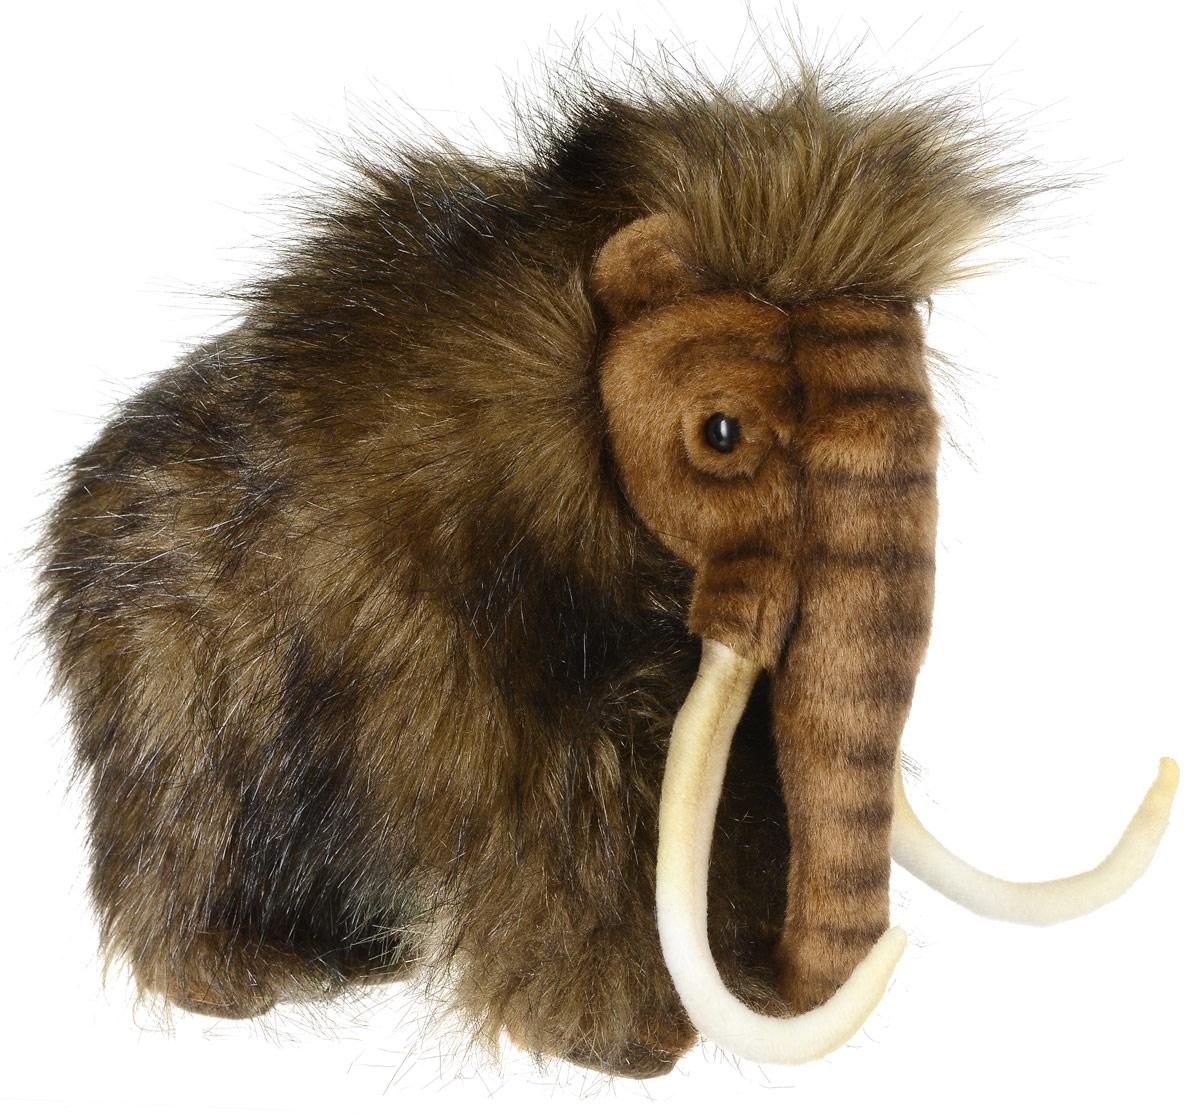 Hansa Toys Мягкая игрушка Мамонт 32 см4660Мамонты - вымерший род млекопитающих из семейства слоновых. Достигали высоты 5,5 метров и массы тела 10-12 тонн. Таким образом, мамонты были в два раза тяжелее самых крупных современных наземных млекопитающих - африканских слонов. Мамонты вымерли около 10 тысяч лет назад во время последнего Ледникового периода. Мамонты отличались от слонов не только размерами - у них также была шерсть и длинные изогнутые бивни. Продолжительность их жизни составляла 60 лет, также как и у современных слонов. Мягкая игрушка Hansa Toys Мамонт обязательно понравится вам и вашему малышу, а также познакомит вас с этим животным.